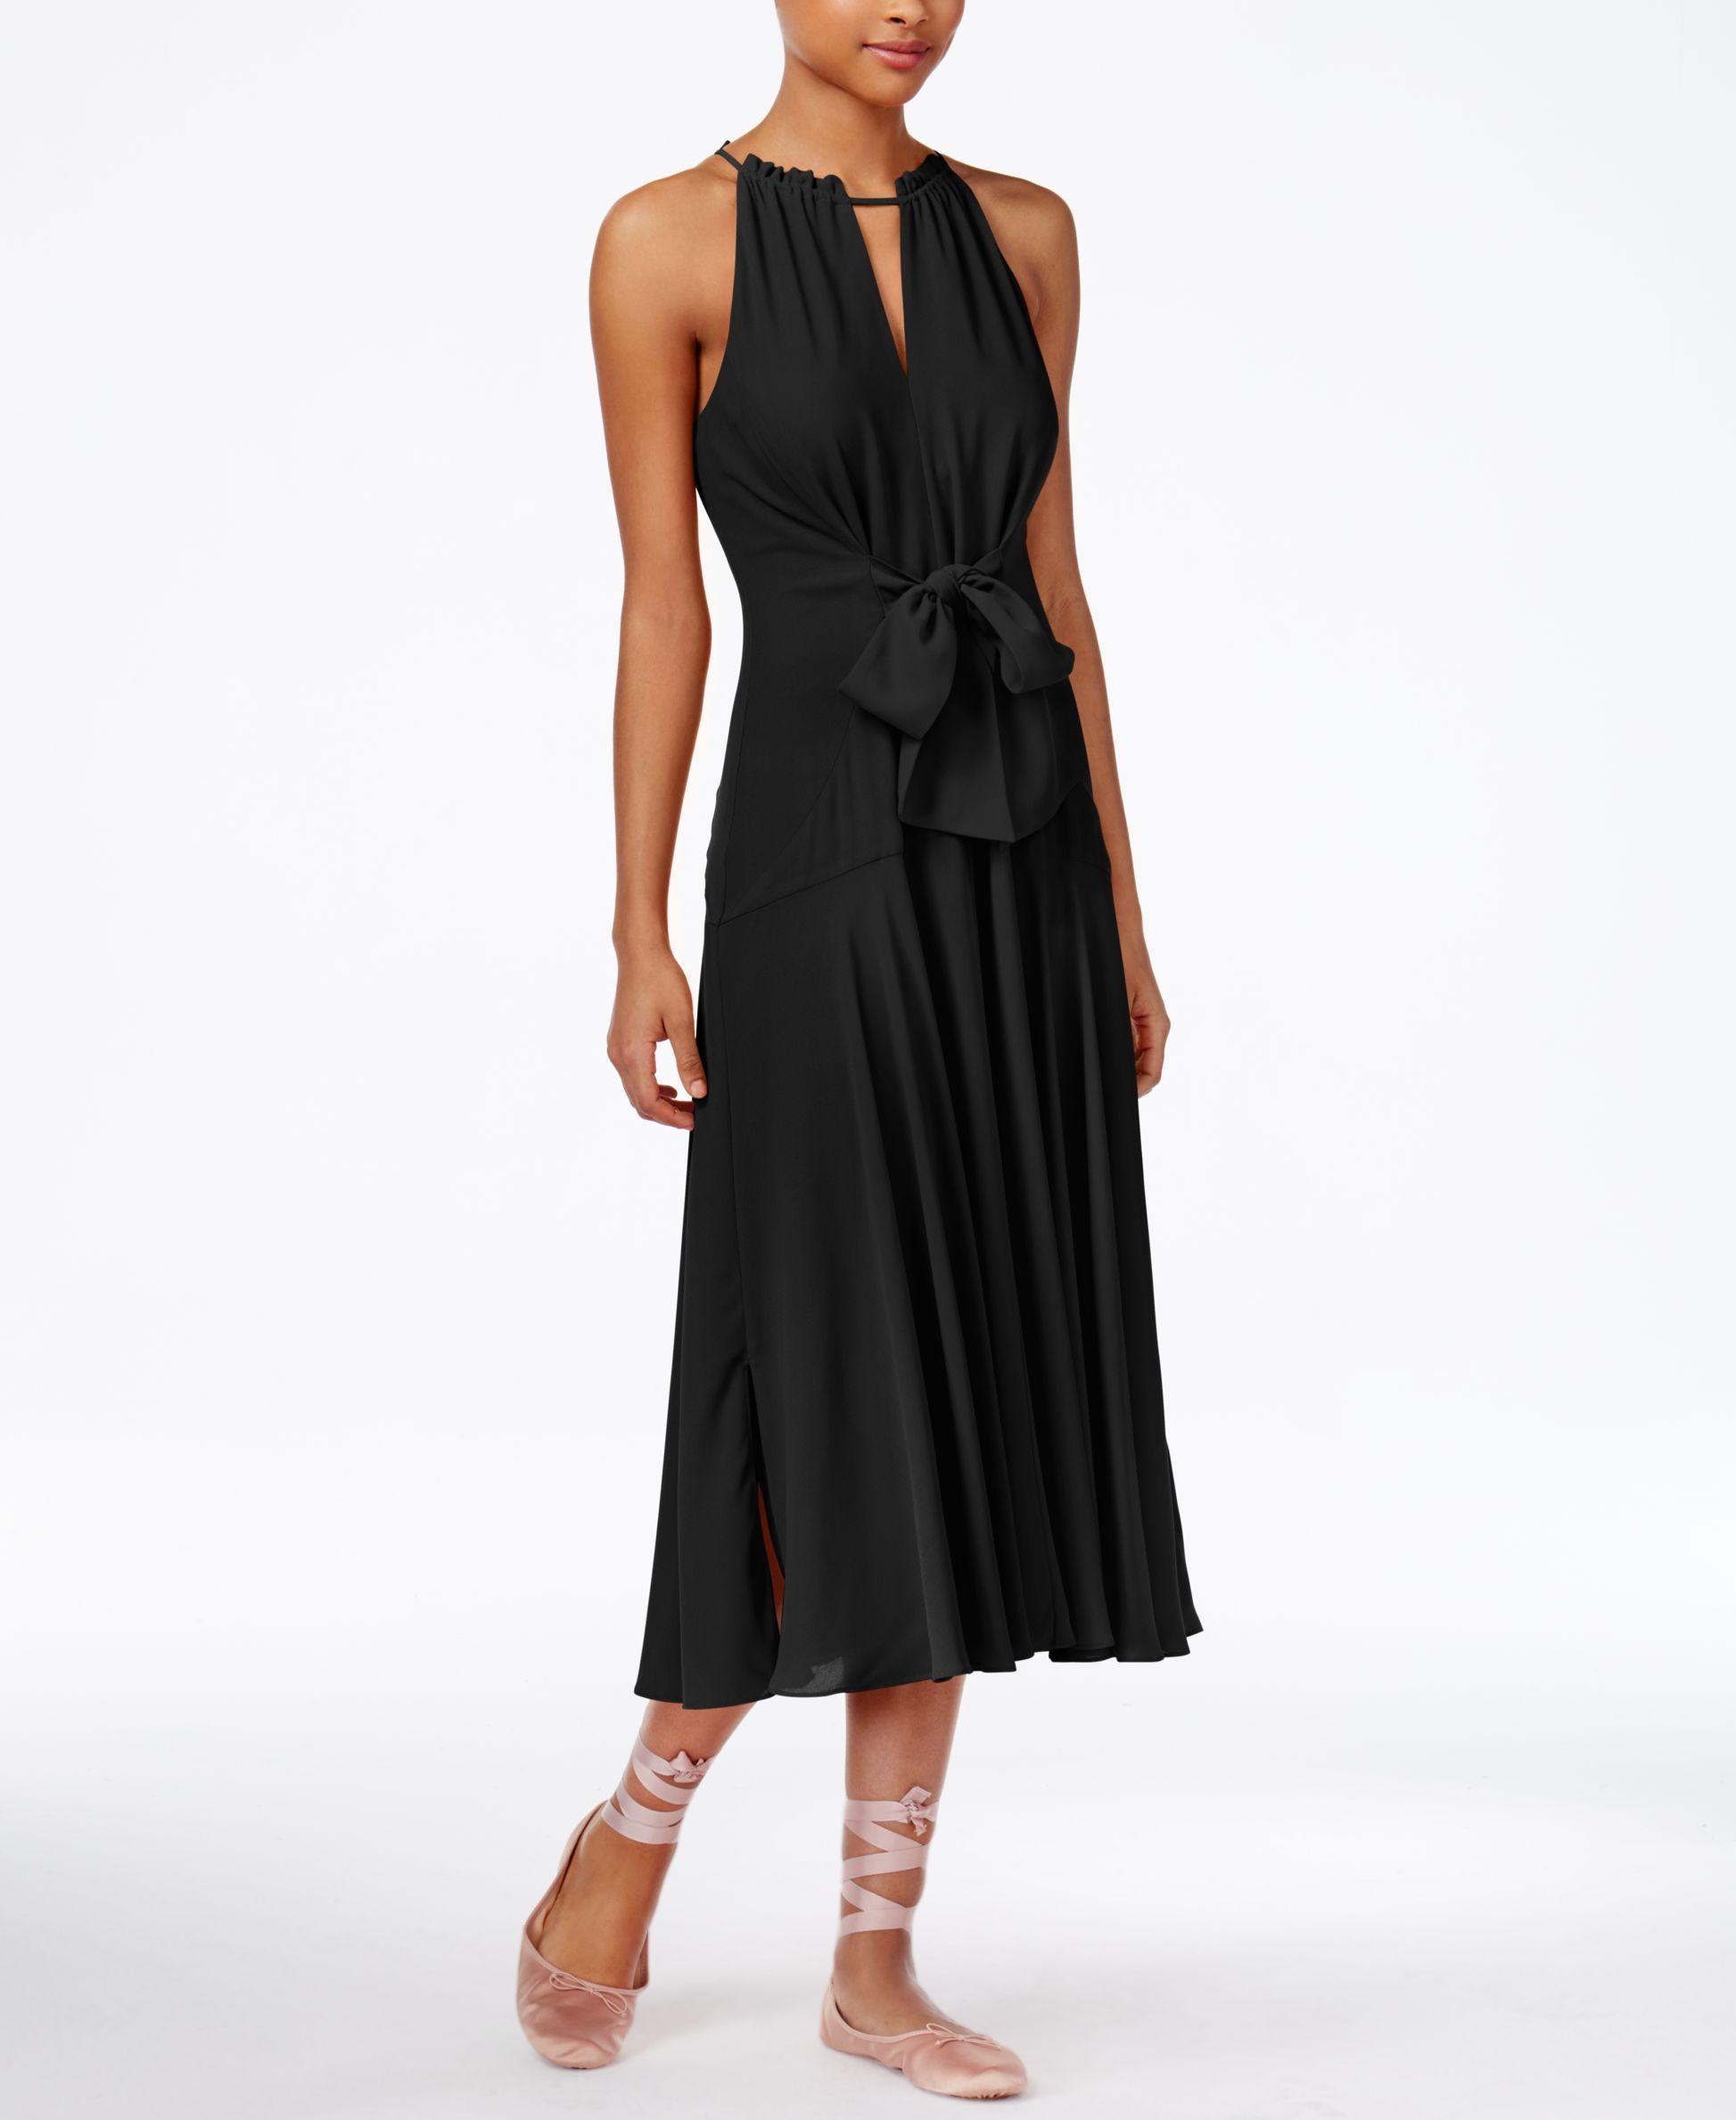 36f56f9e8 Rachel Rachel Roy Claudette Tie-Front Midi Dress, Only at Macy's ...